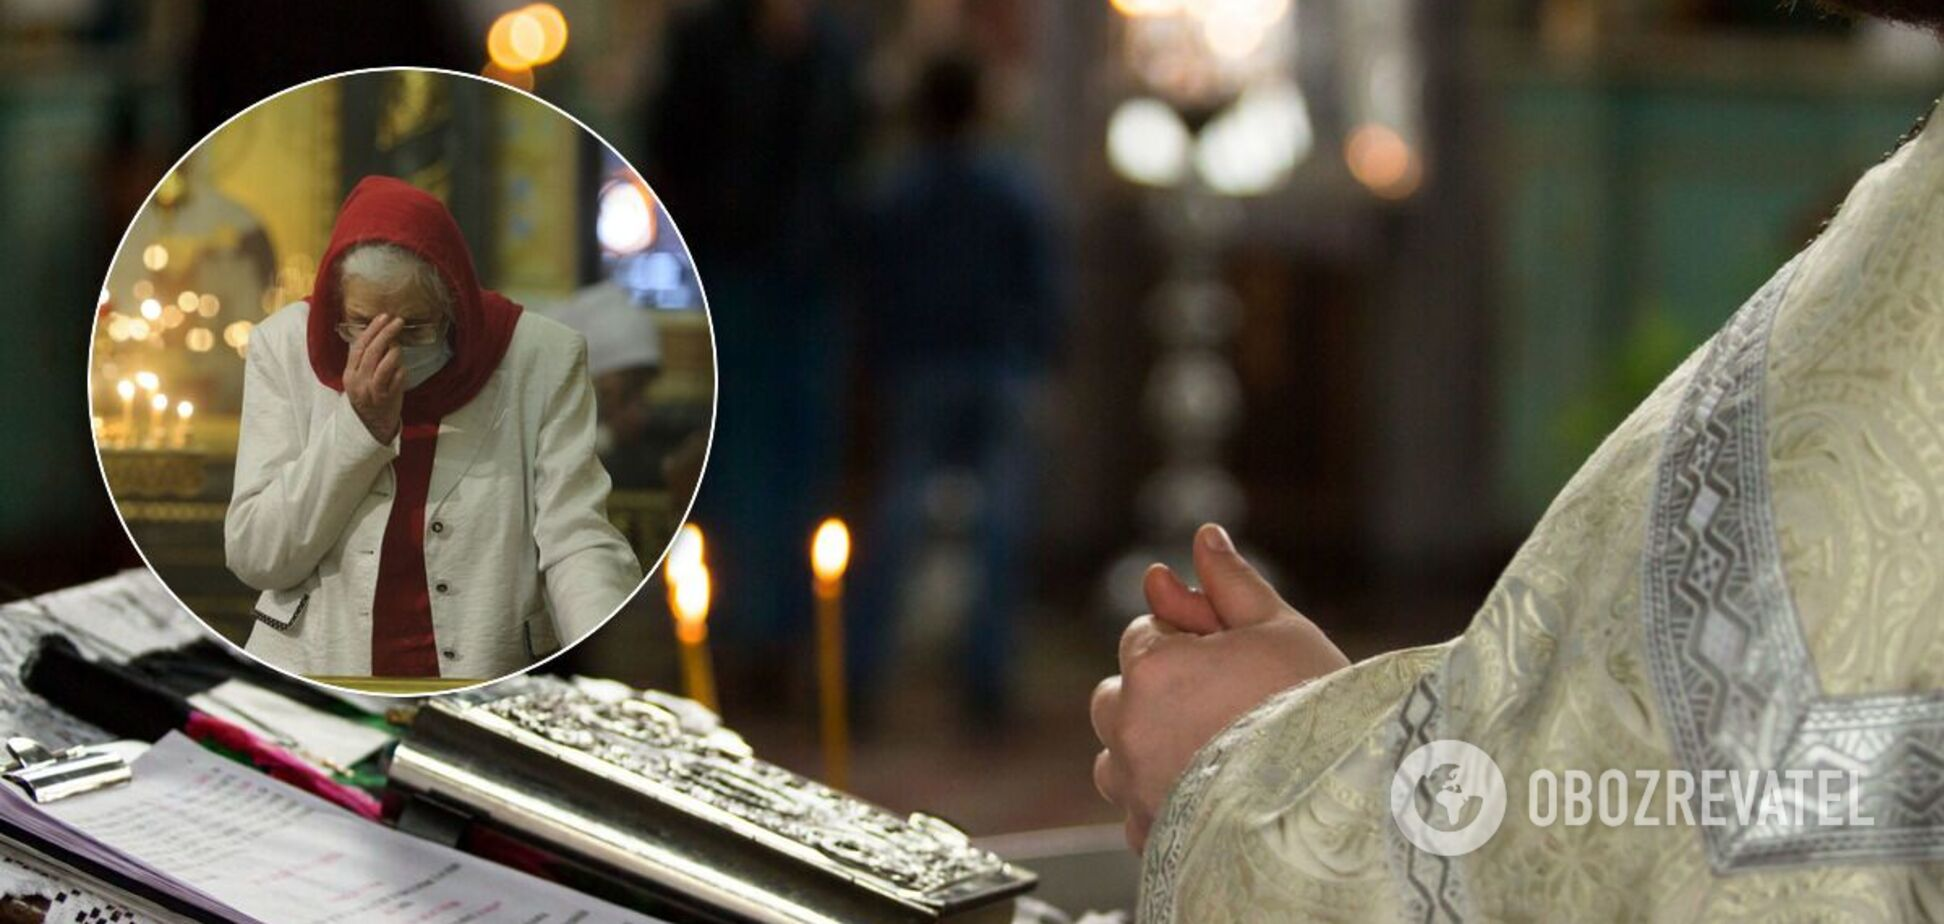 Різдвяний піст під час карантину в Україні: священник пояснив нюанси